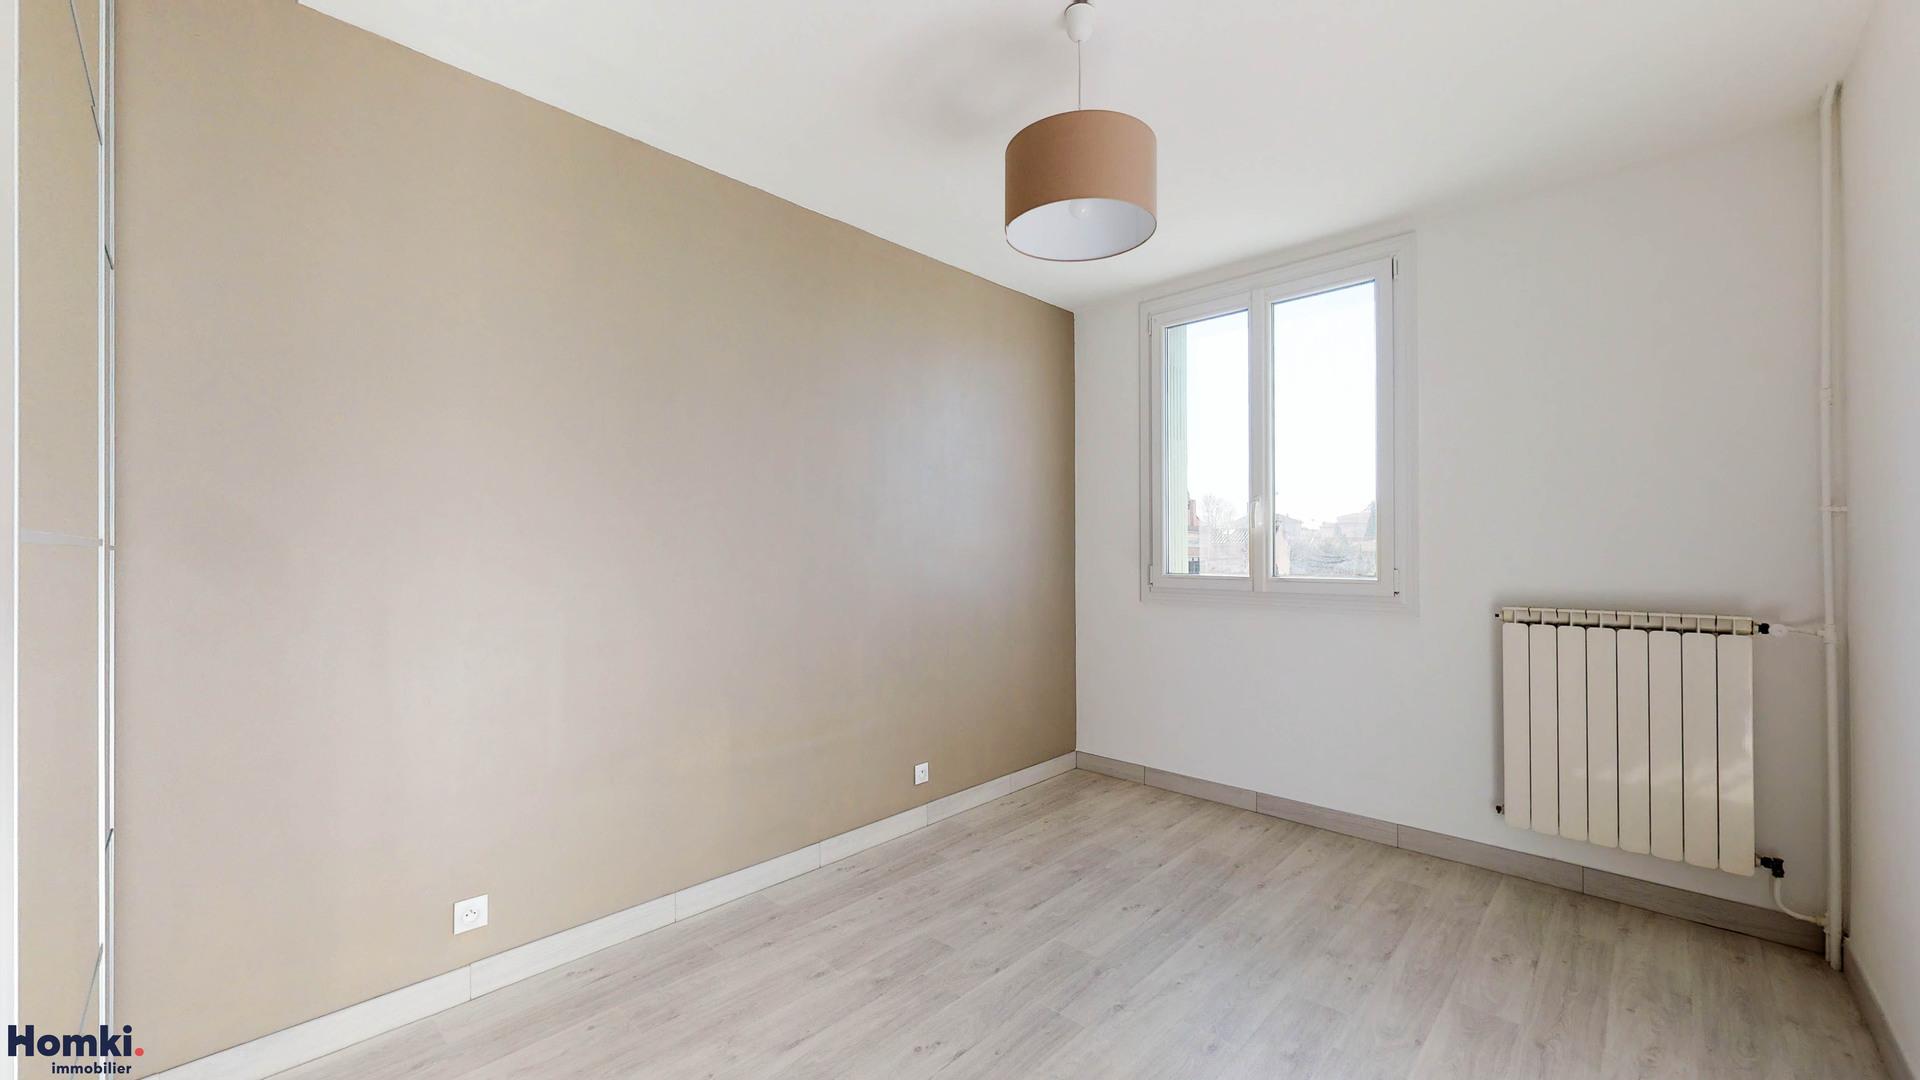 Vente Appartement 58 m² T3 13012_4